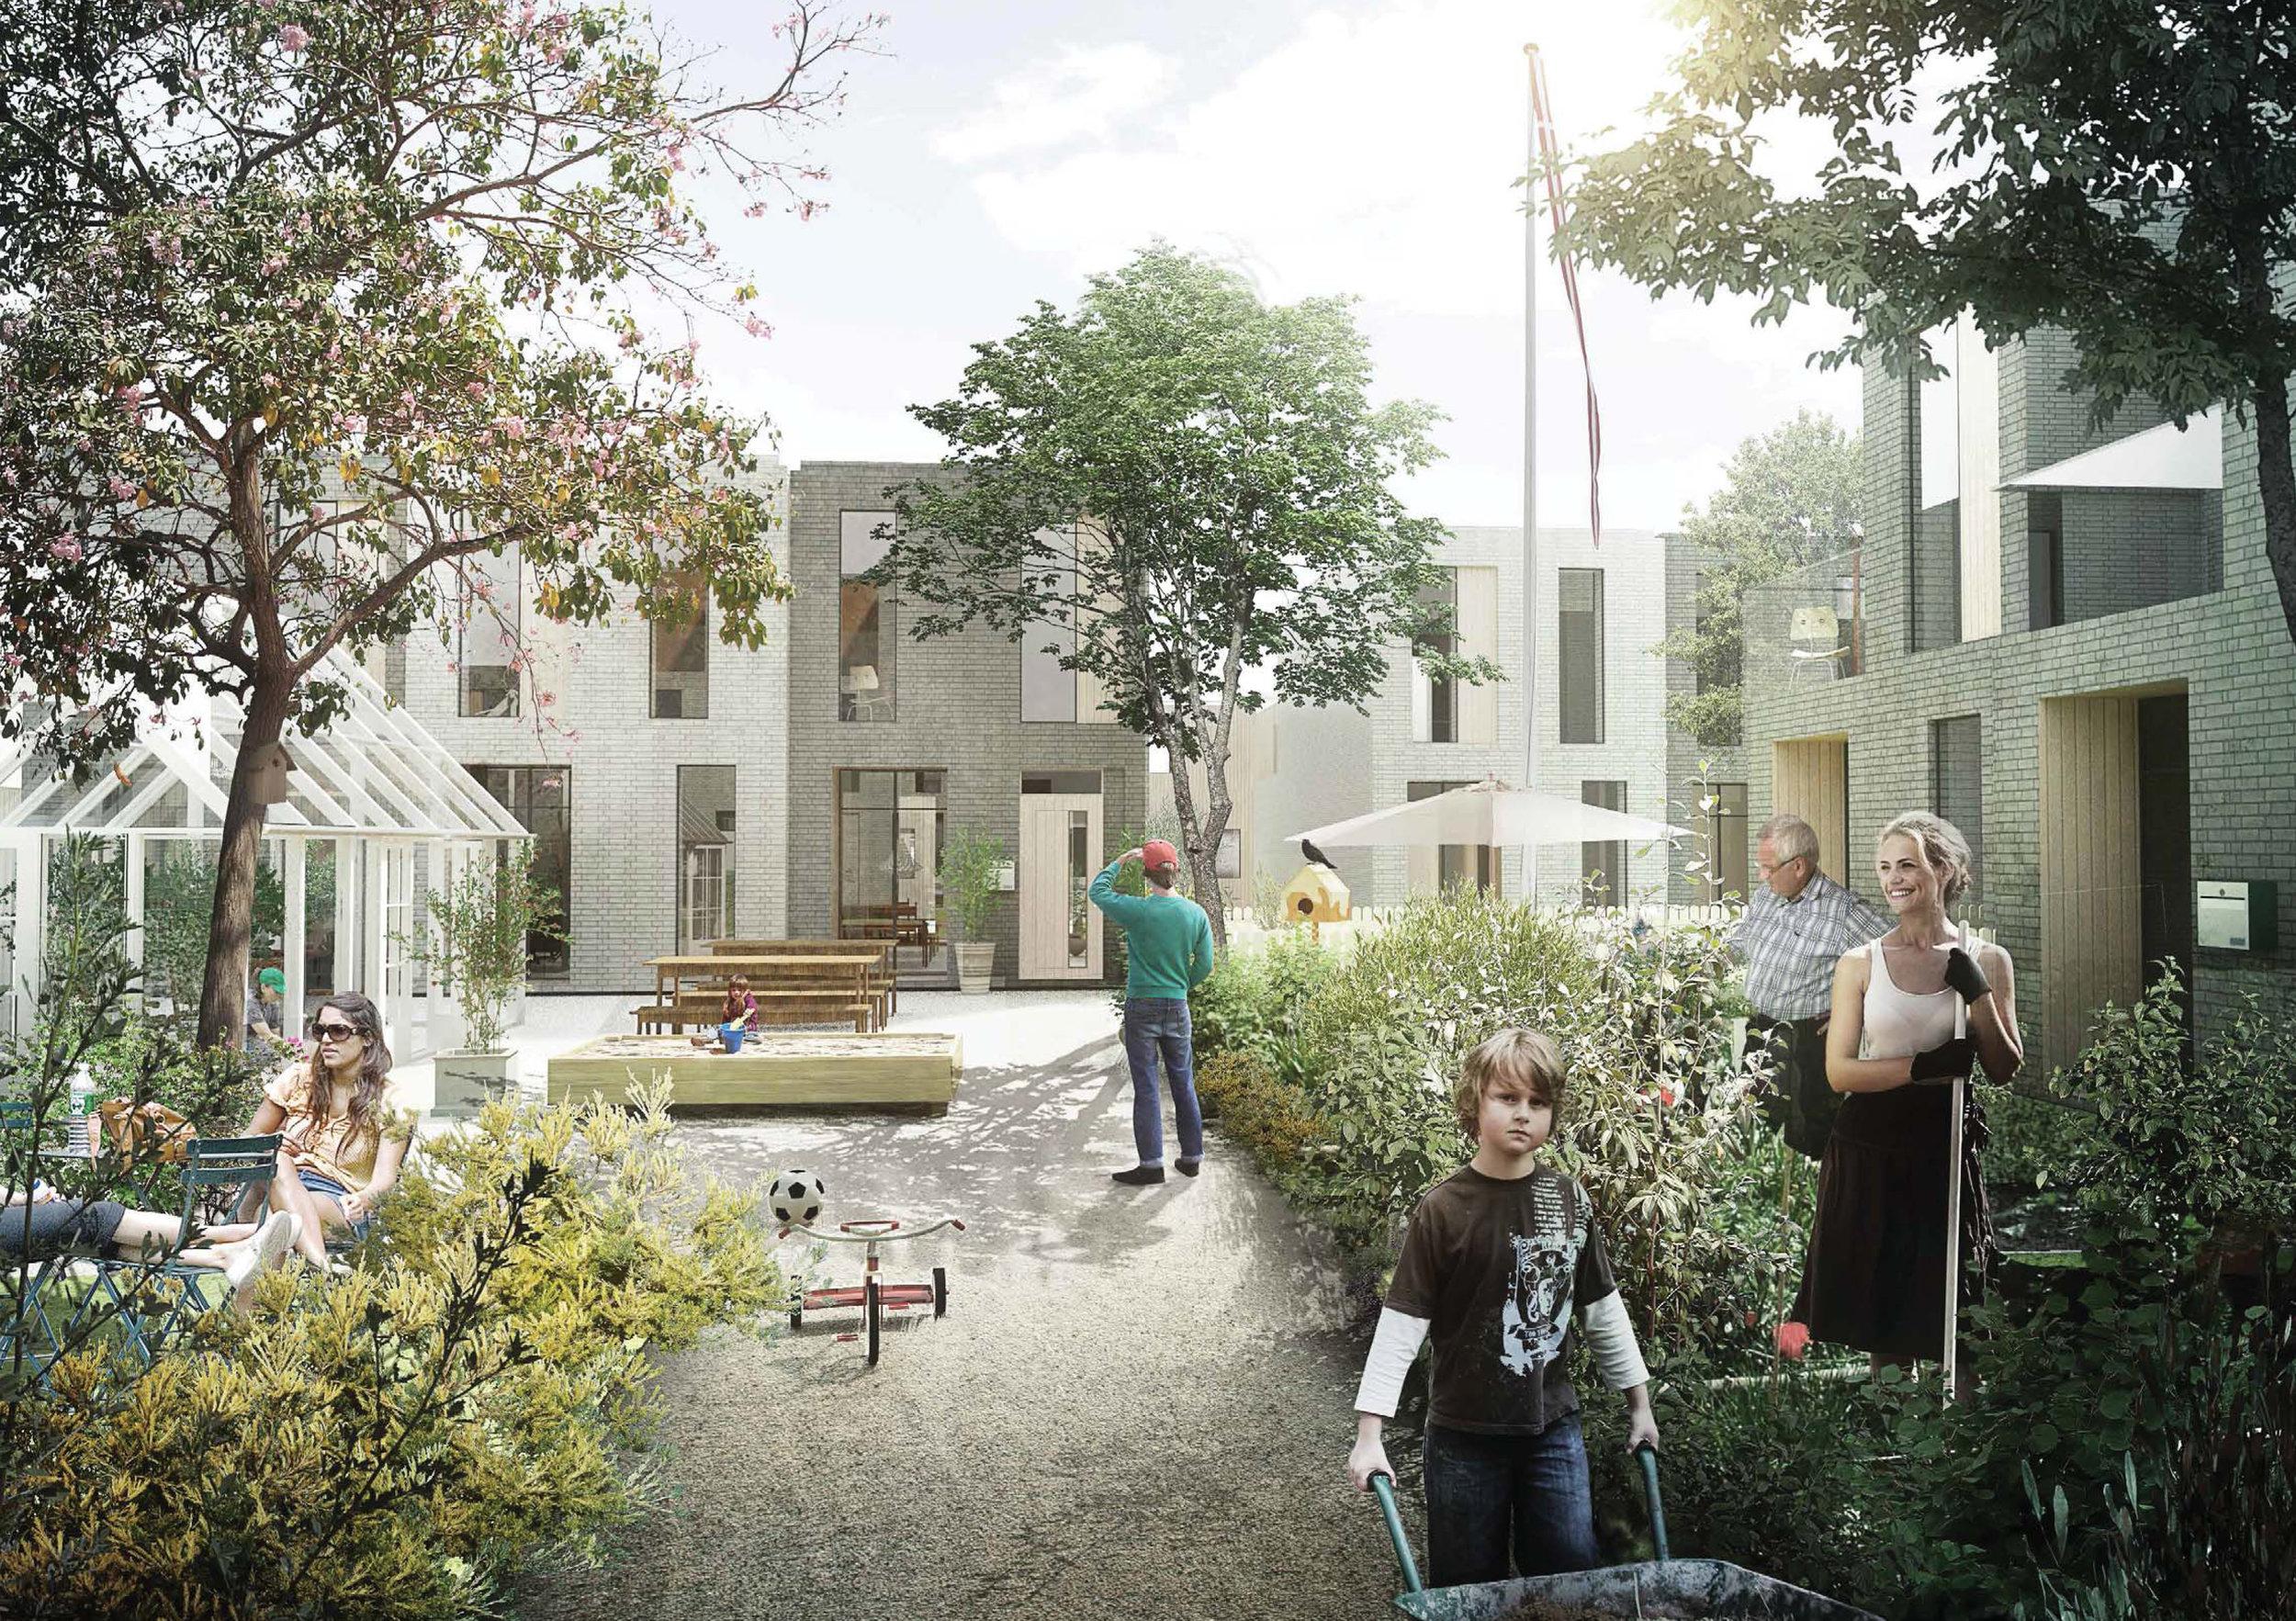 NÆRHEDEN - C02-neutral bydel kombinerer tæt byliv med forstadens grønne kvaliteter